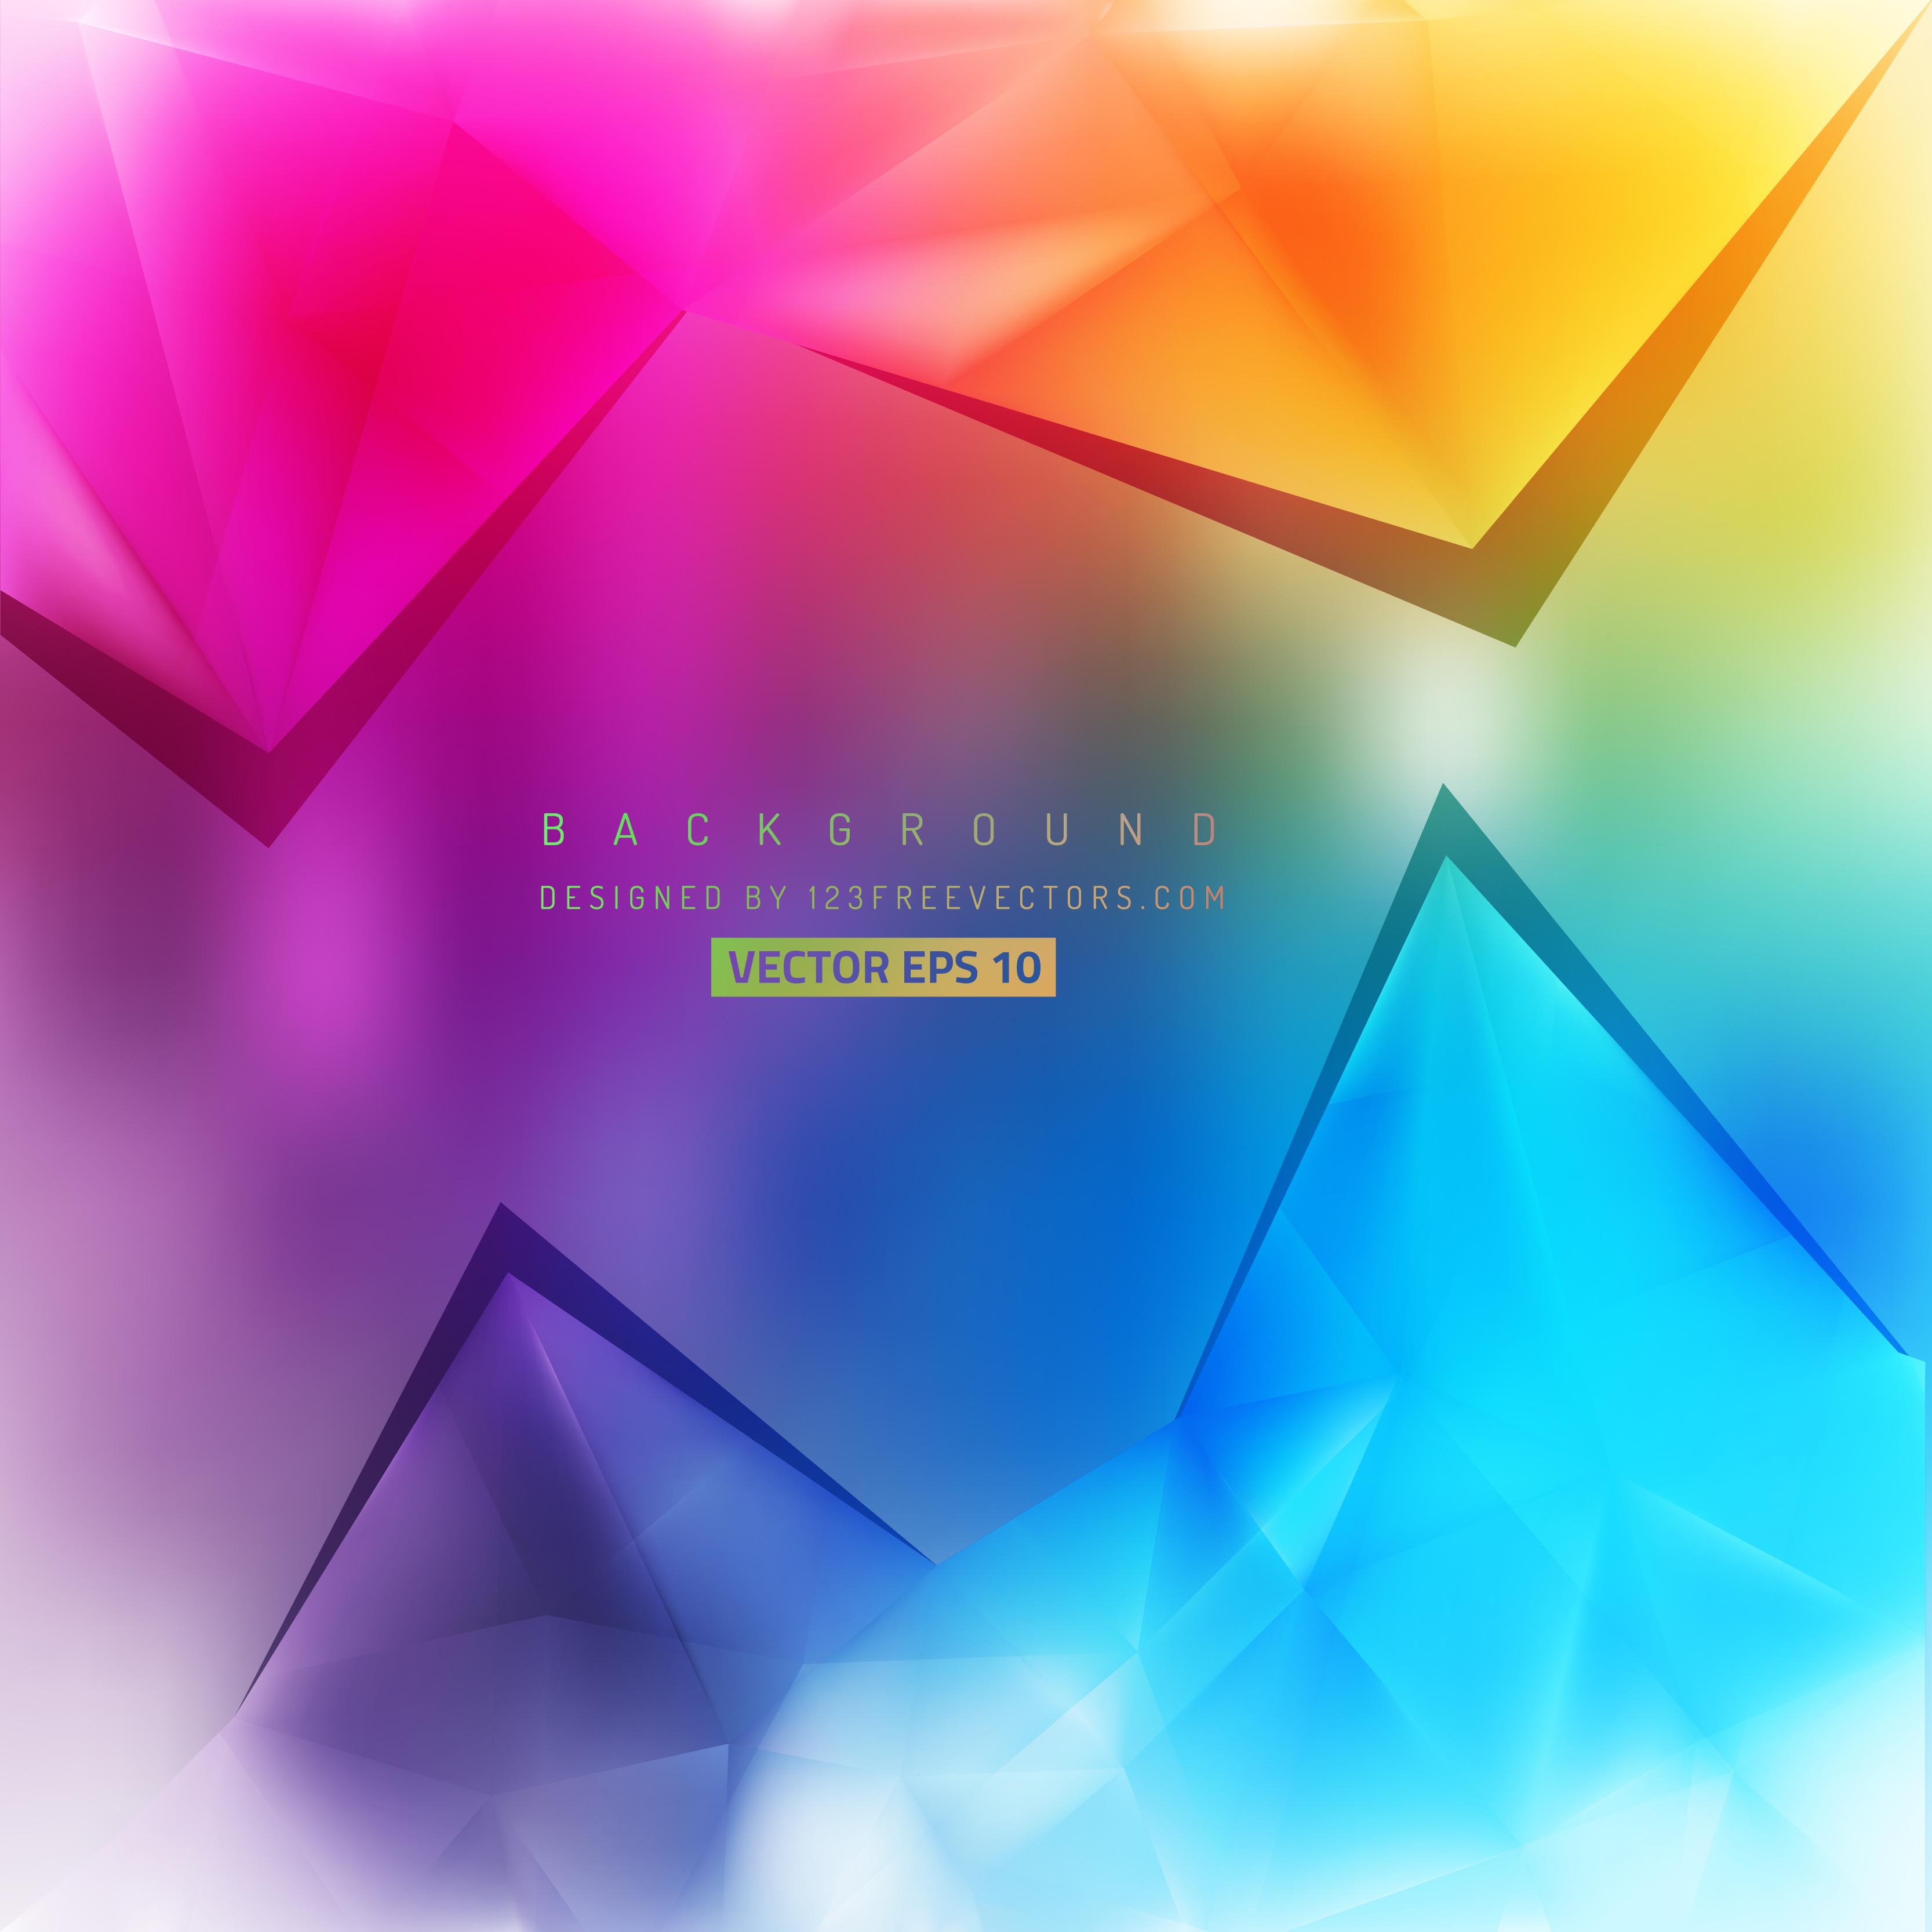 3333x3333 Background Designs Vectors Download Free Vector Art